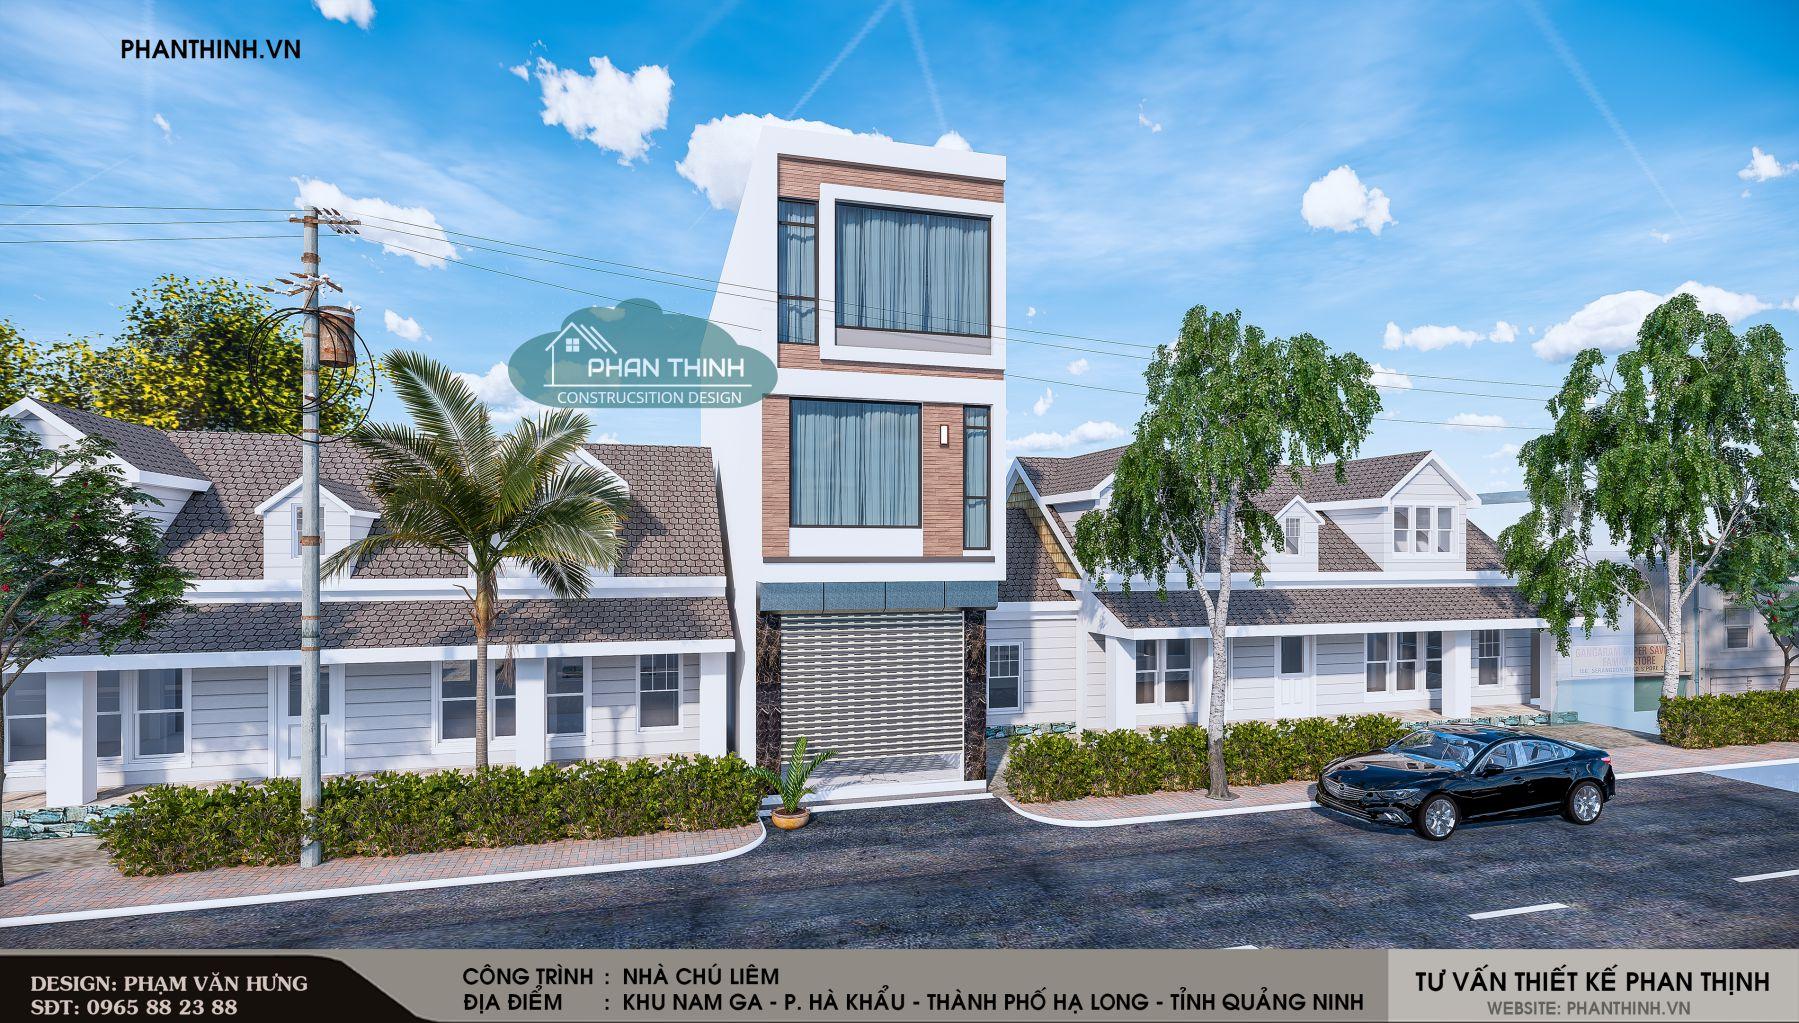 Phương án thiết kế số 01 của căn nhà phố 3 tầng mang phong cách hiện đại.